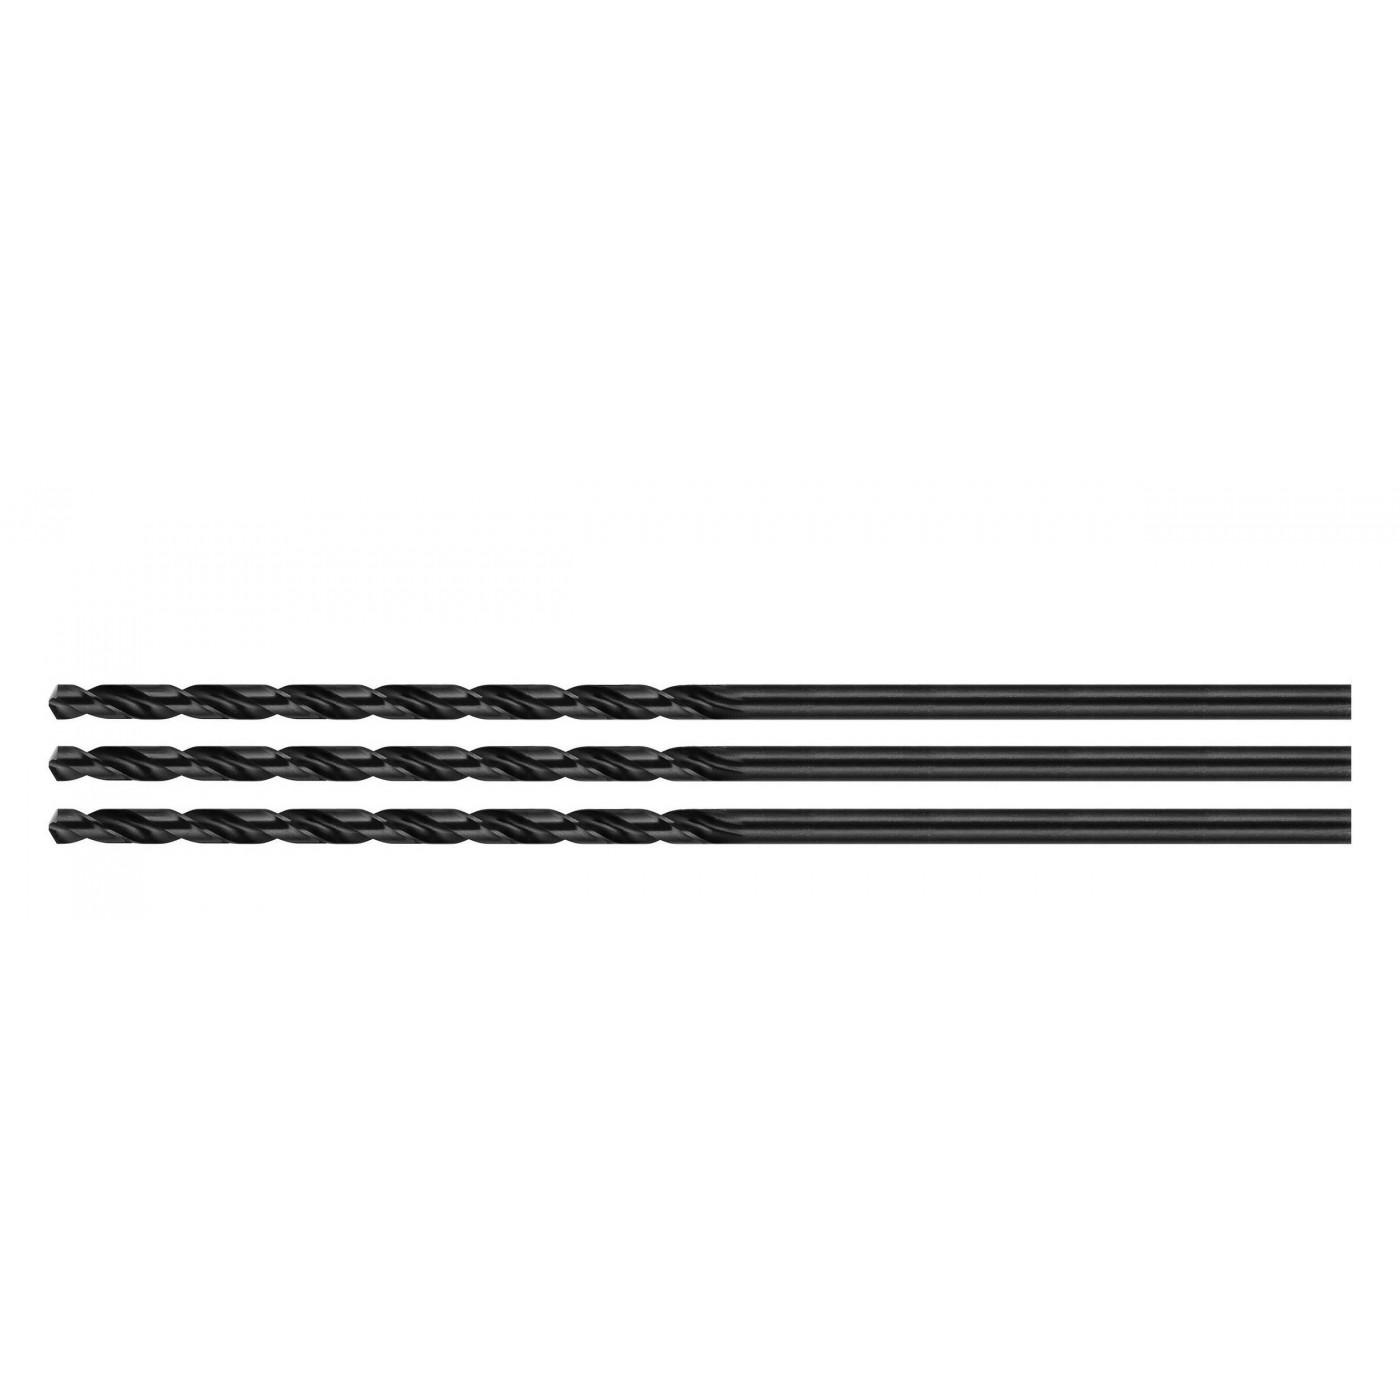 Set von 3 Metallbohrern (HSS, 5,2x150 mm)  - 1